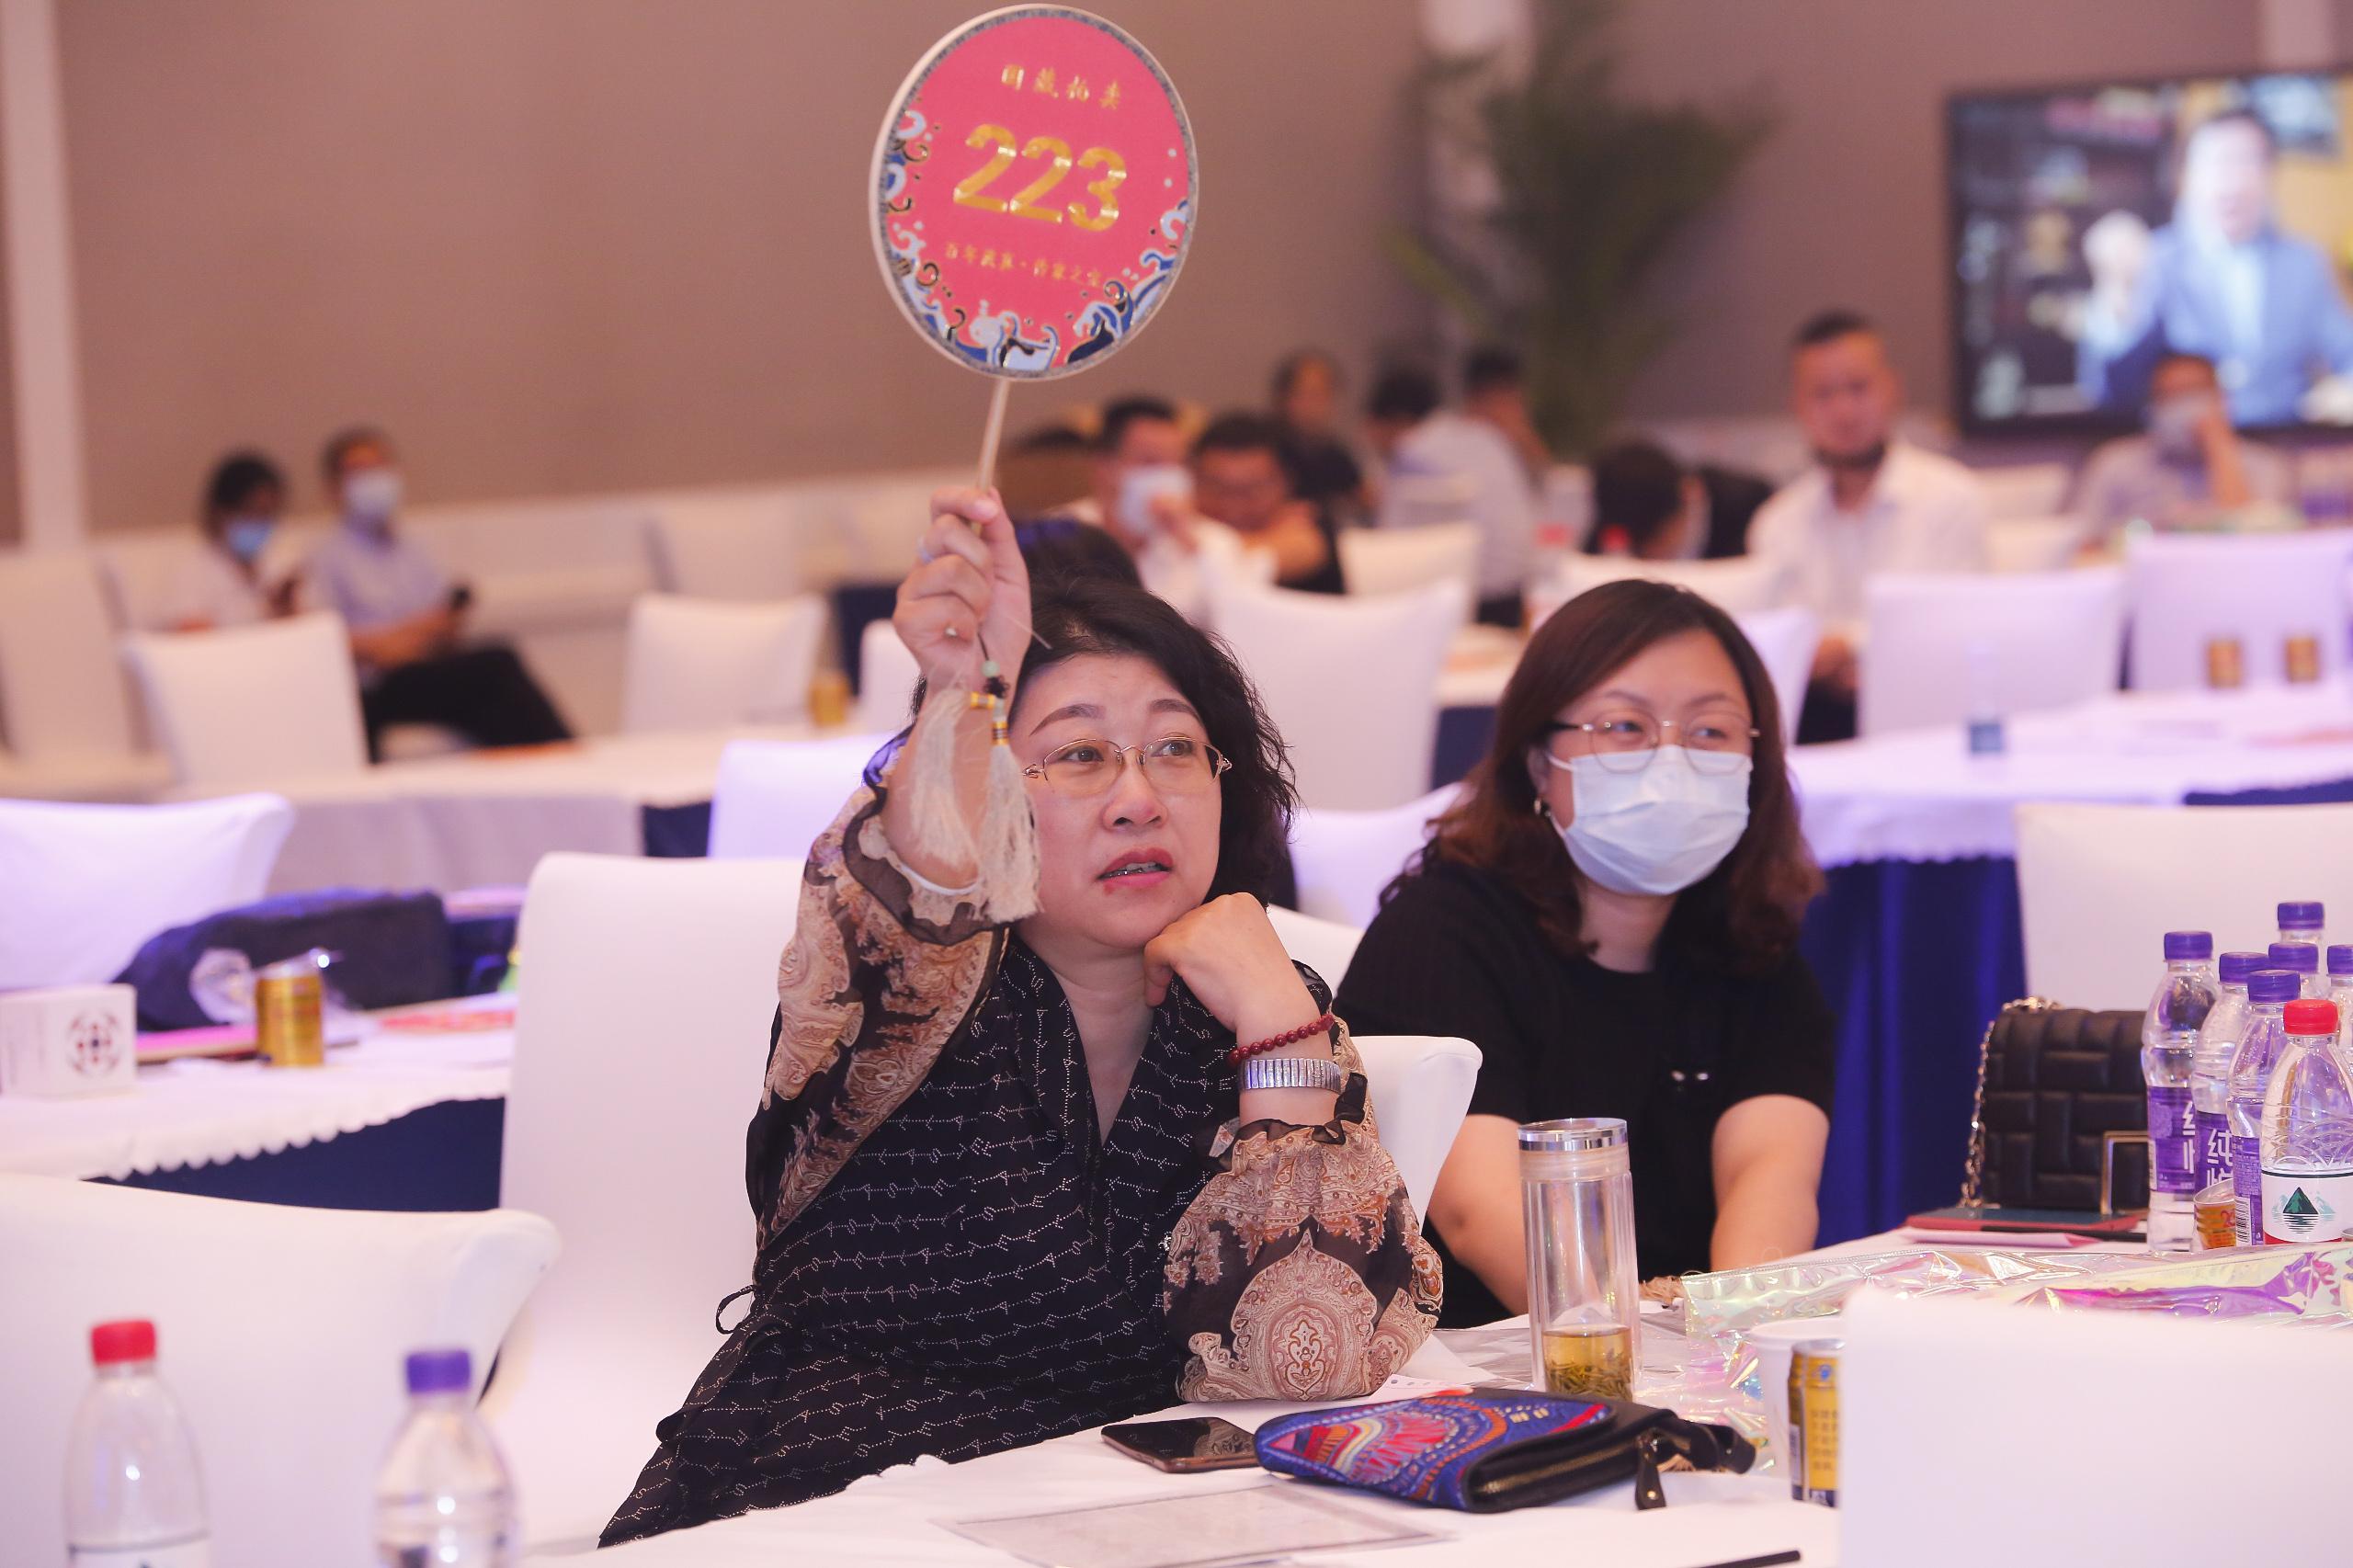 国藏拍卖行2021年春拍诚邀各位藏家共同参与